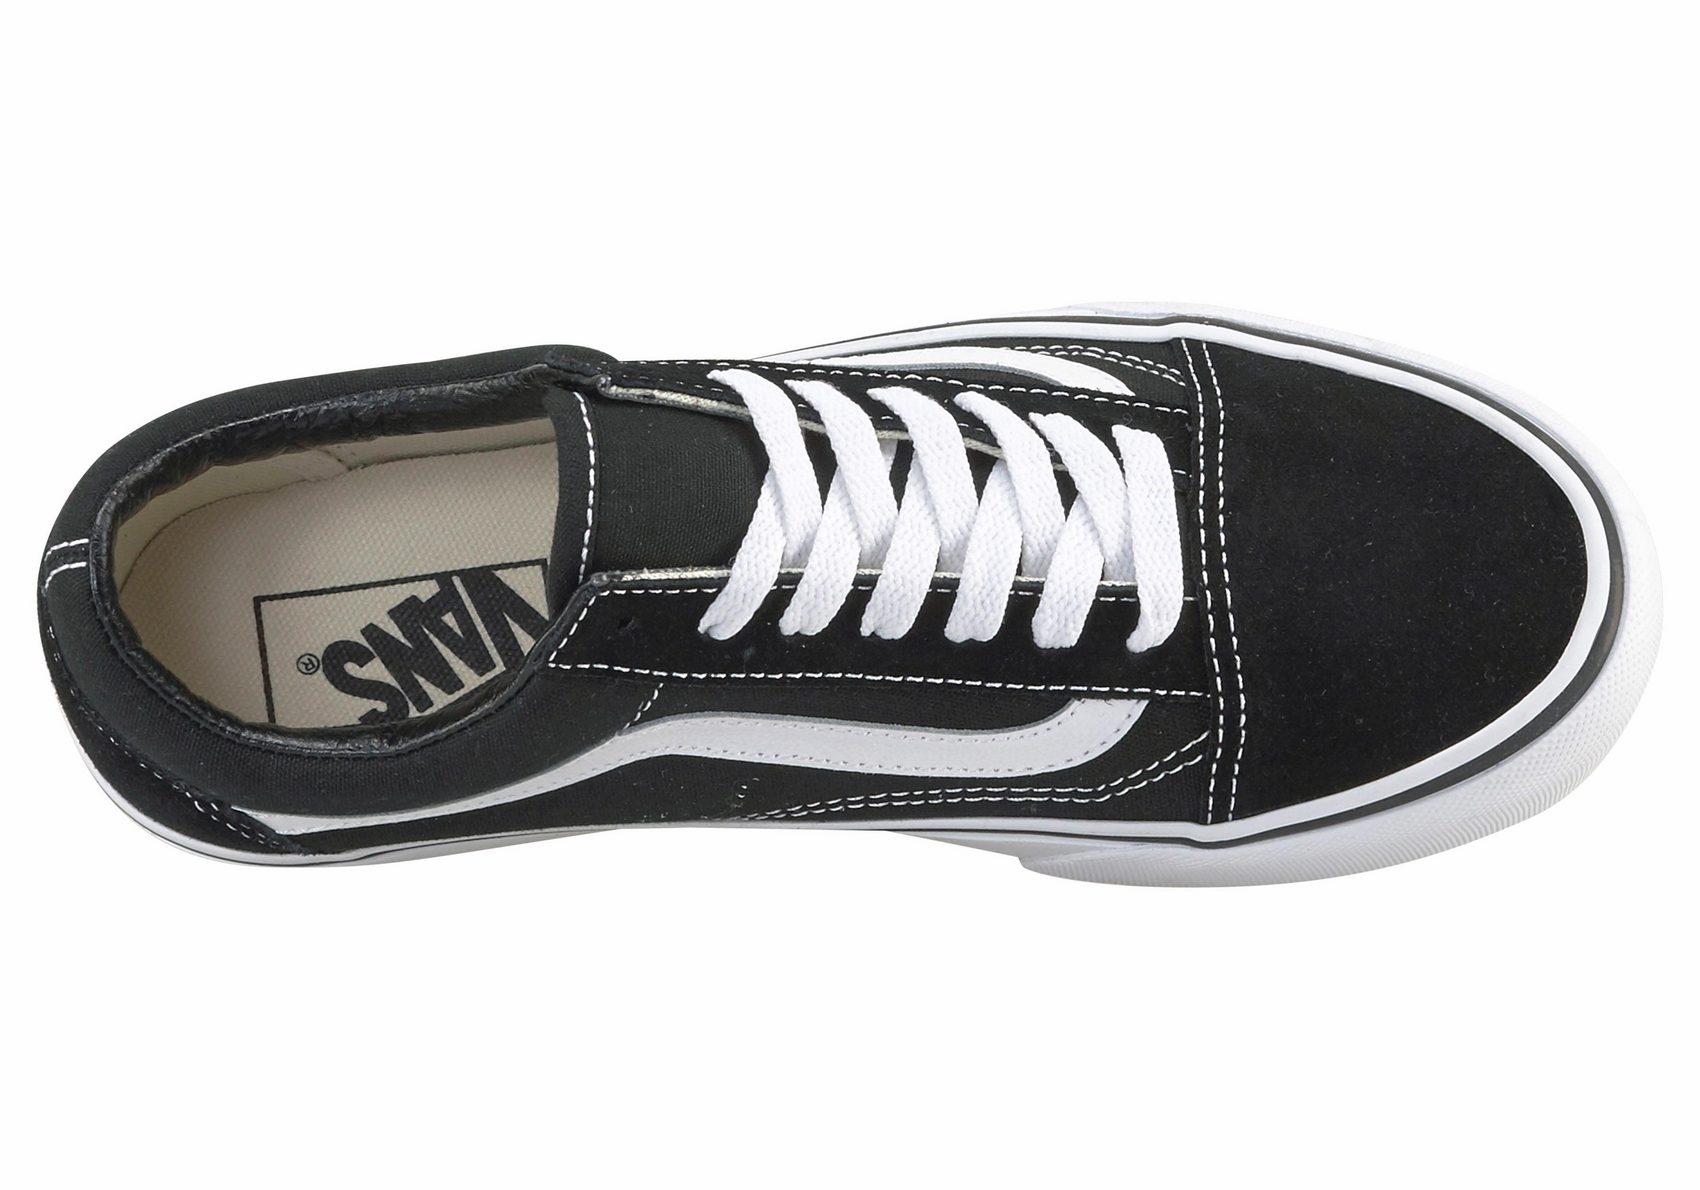 415c7d351f96eb Vans športni čevlji Old Skool Platform - Ceneje.si